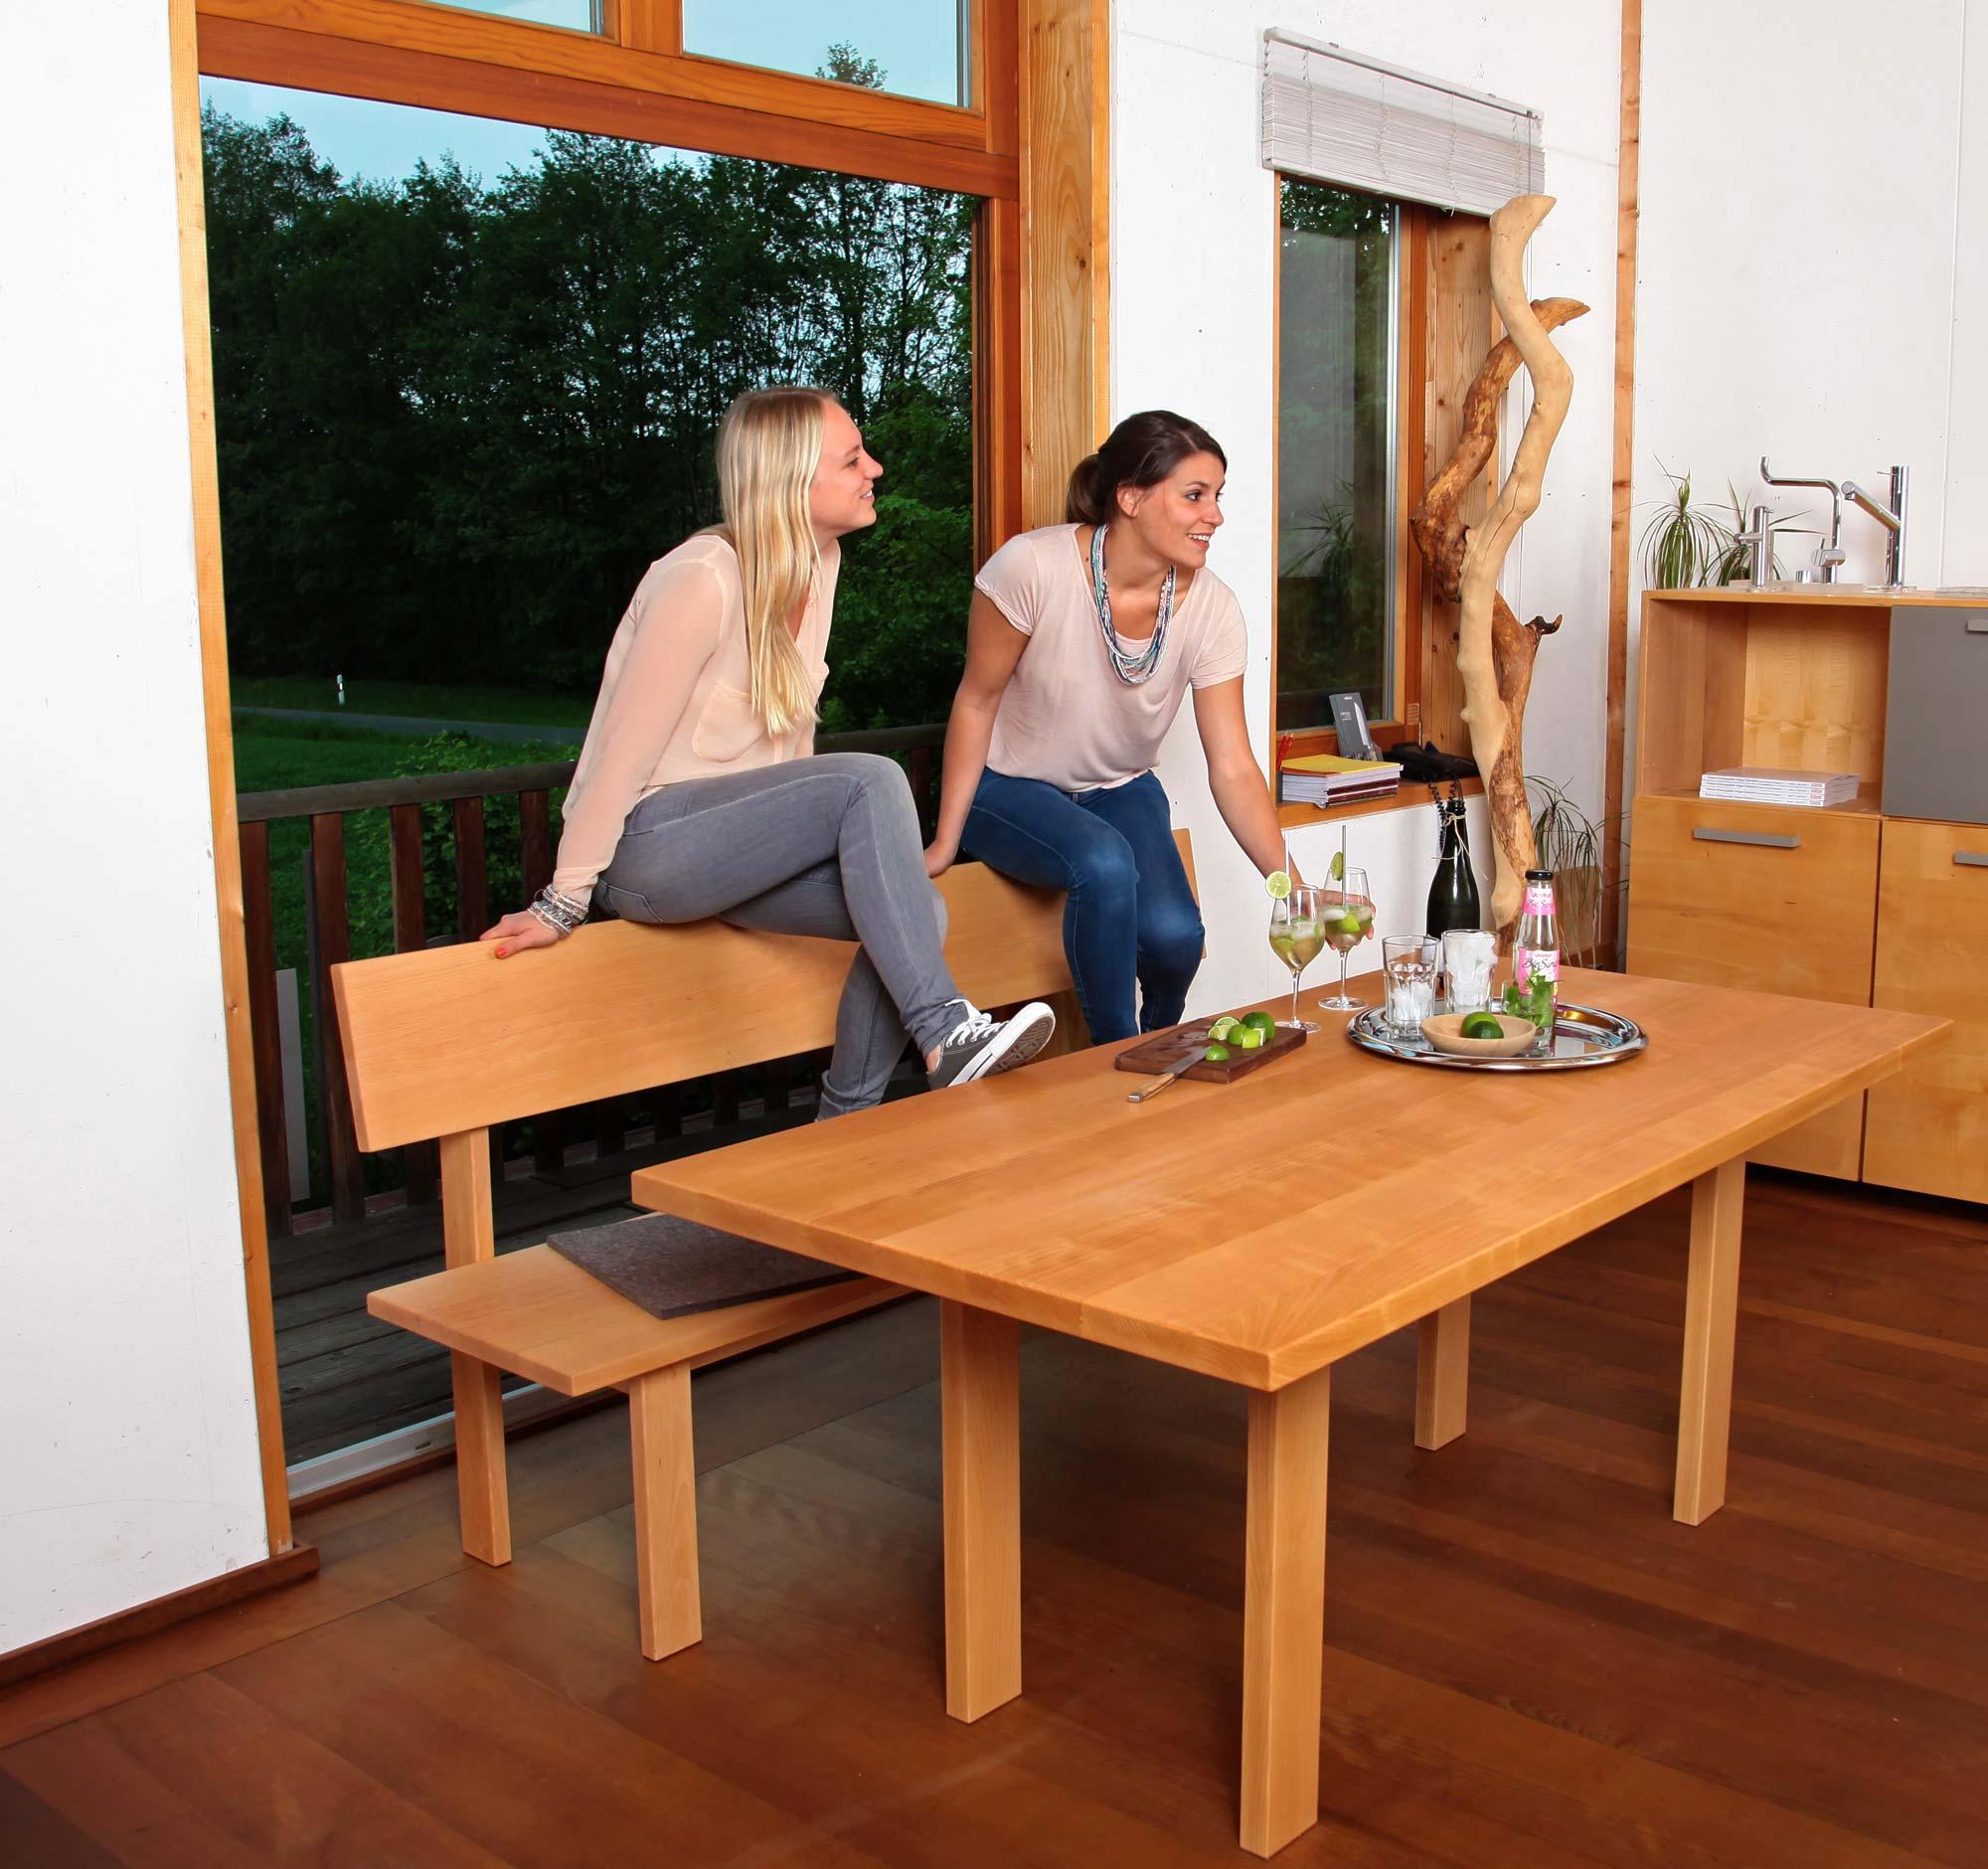 Laura Danzer und Jana Münzenberg sind nicht zufällig genau so alte, wie die Möbelmacher